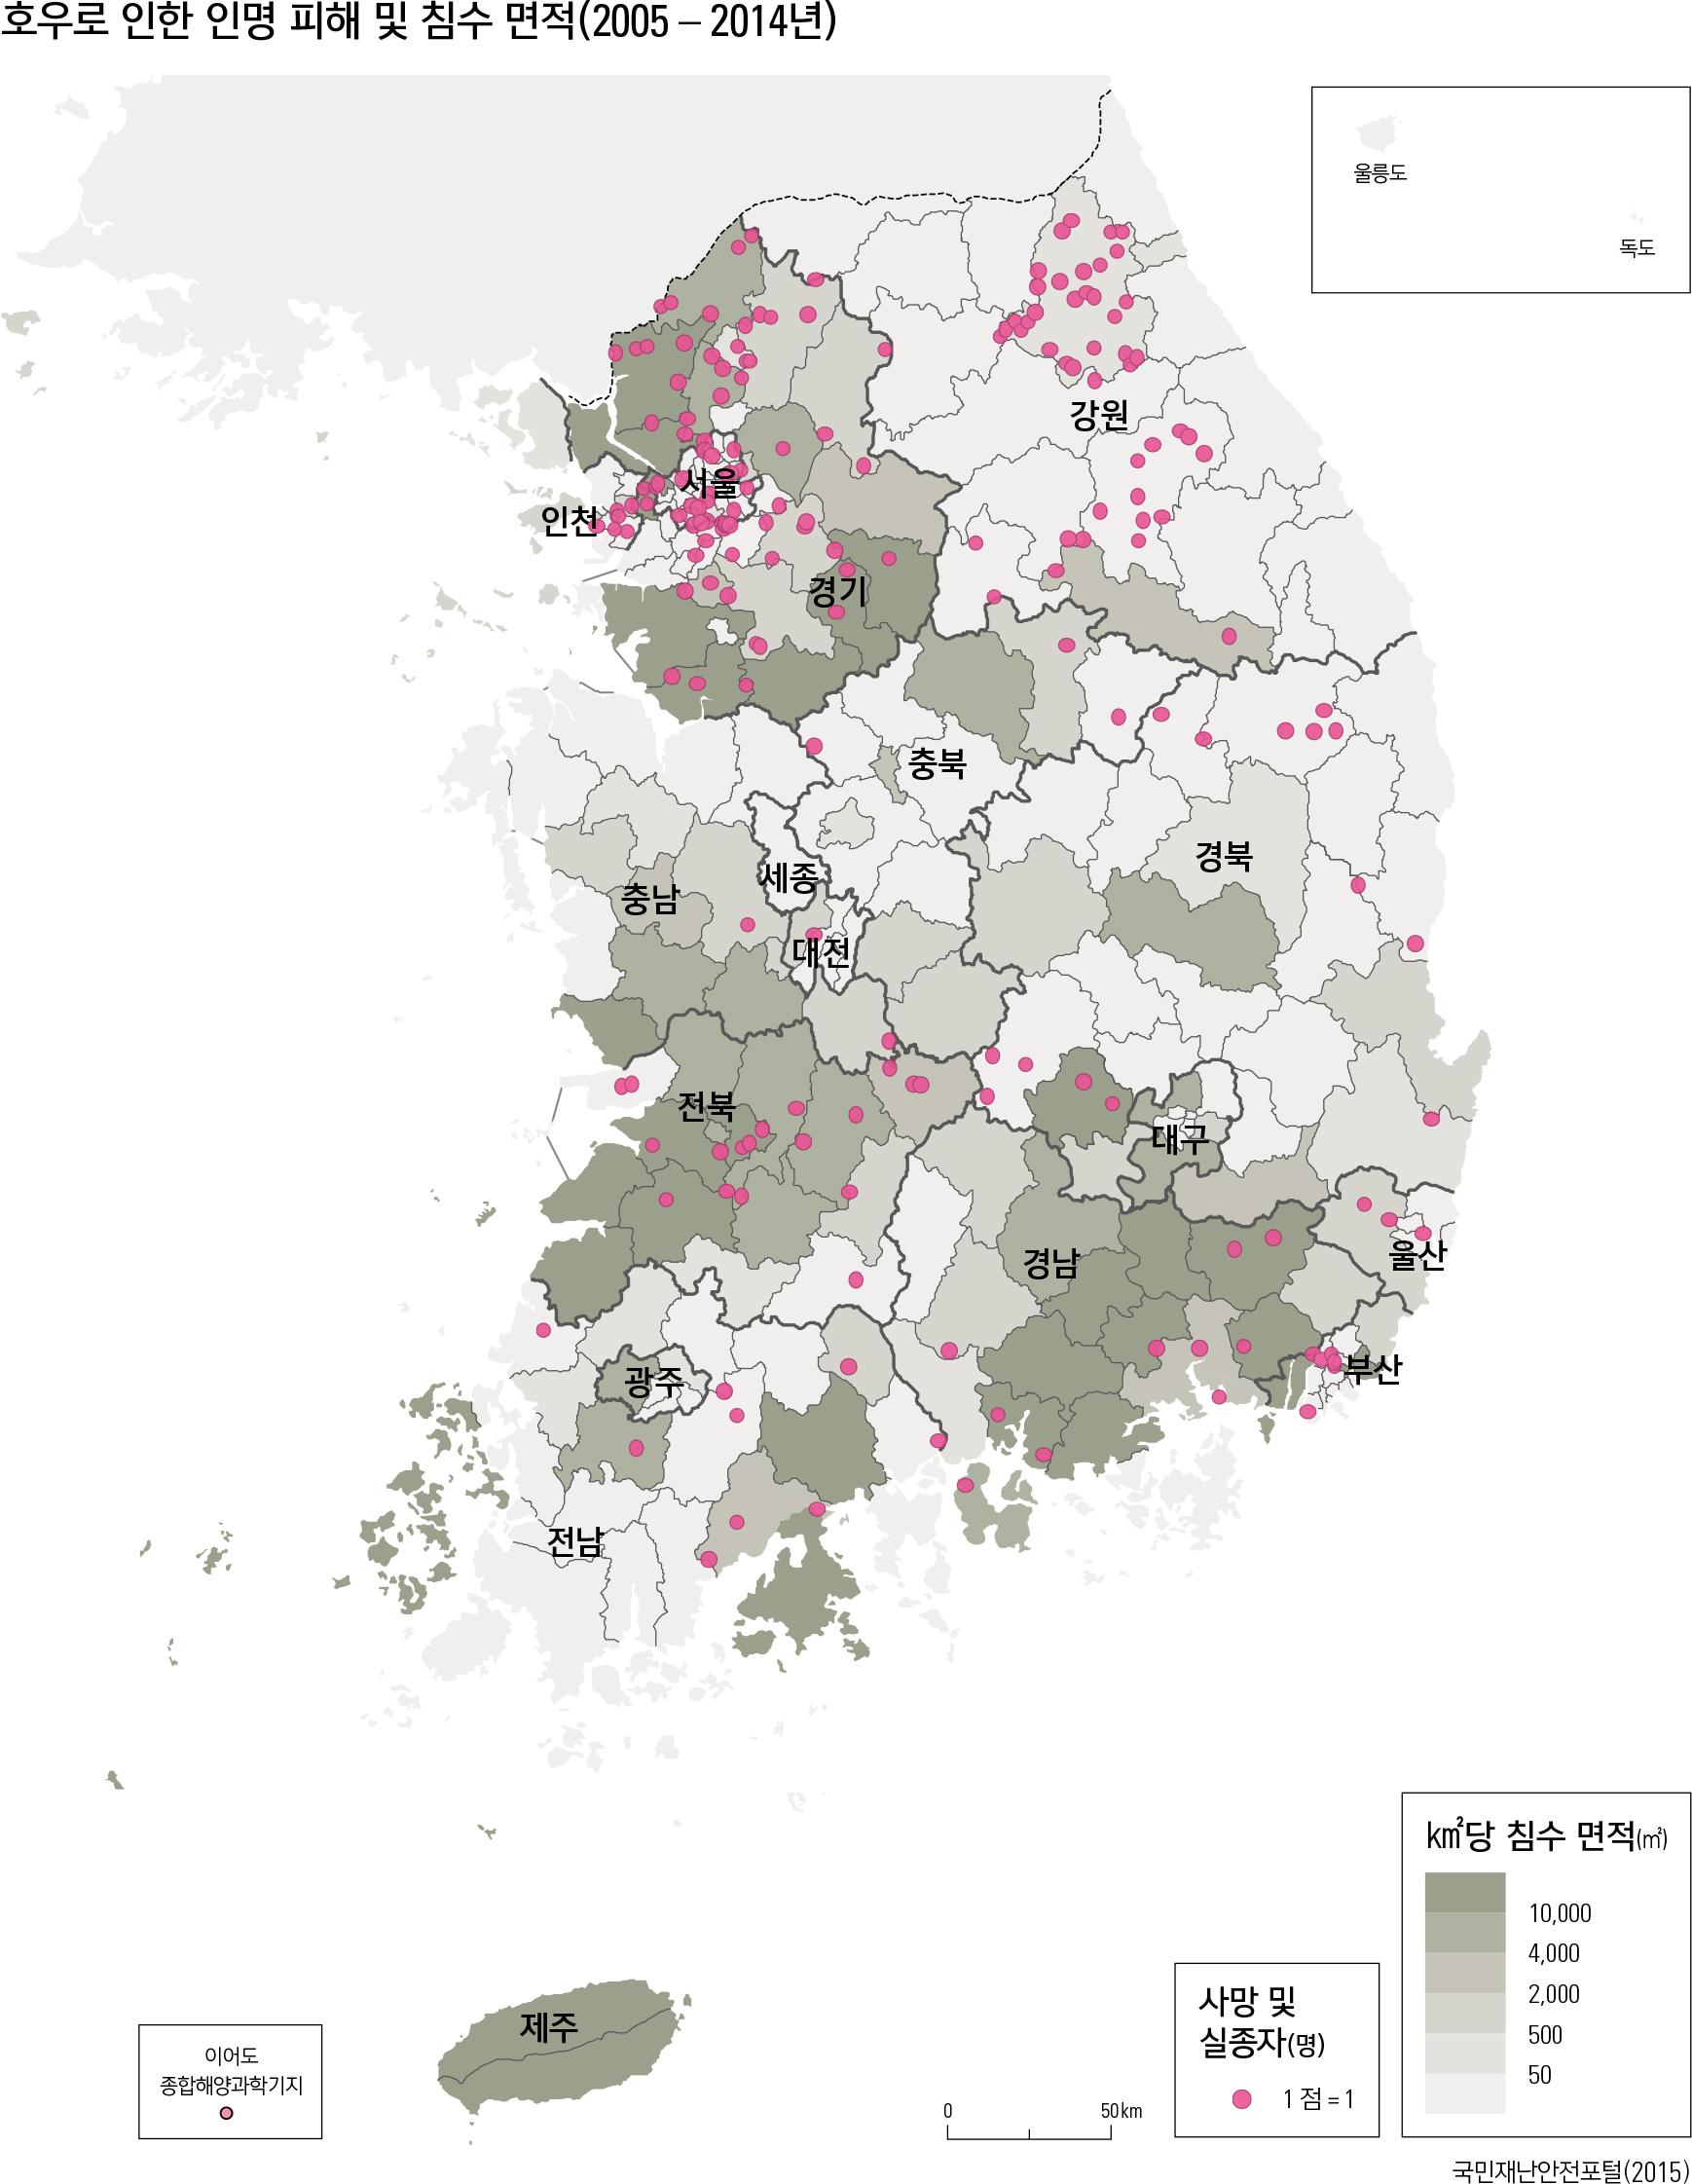 호우로 인한 인명 피해 및 침수 면적(2005-2014년)